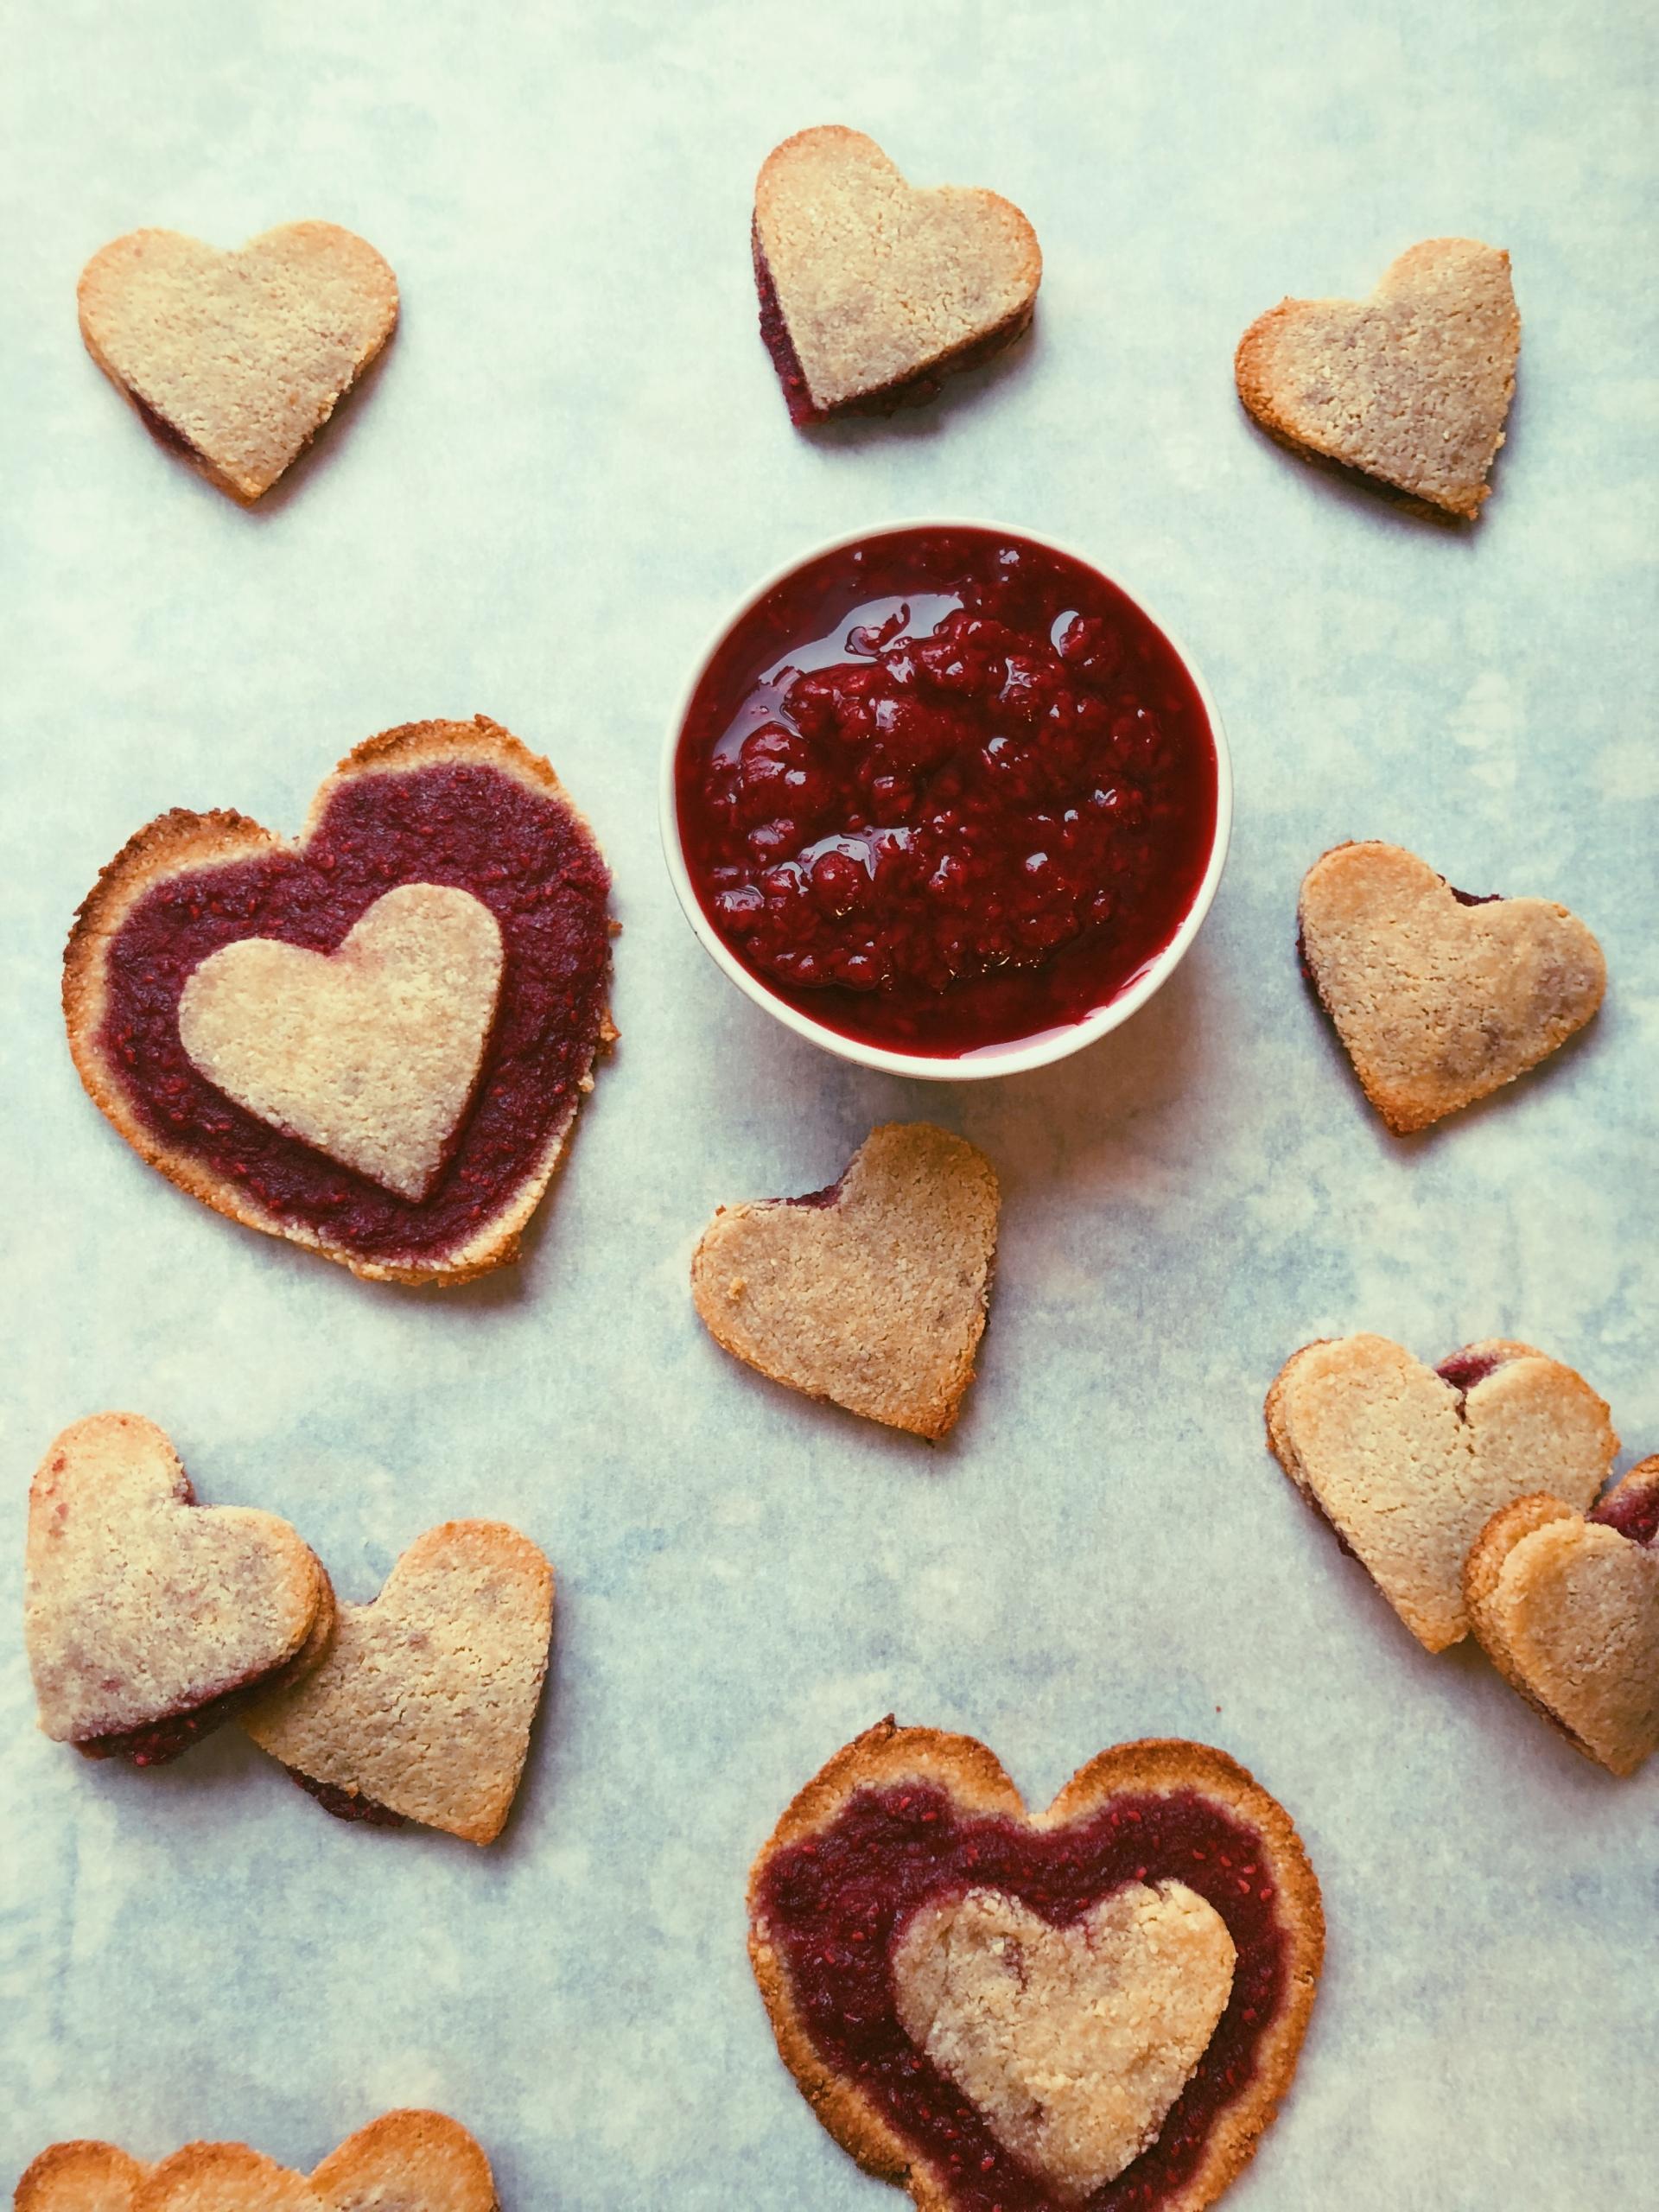 raspberry jam-filled cookies, grain free, scd diet, refined sugar free